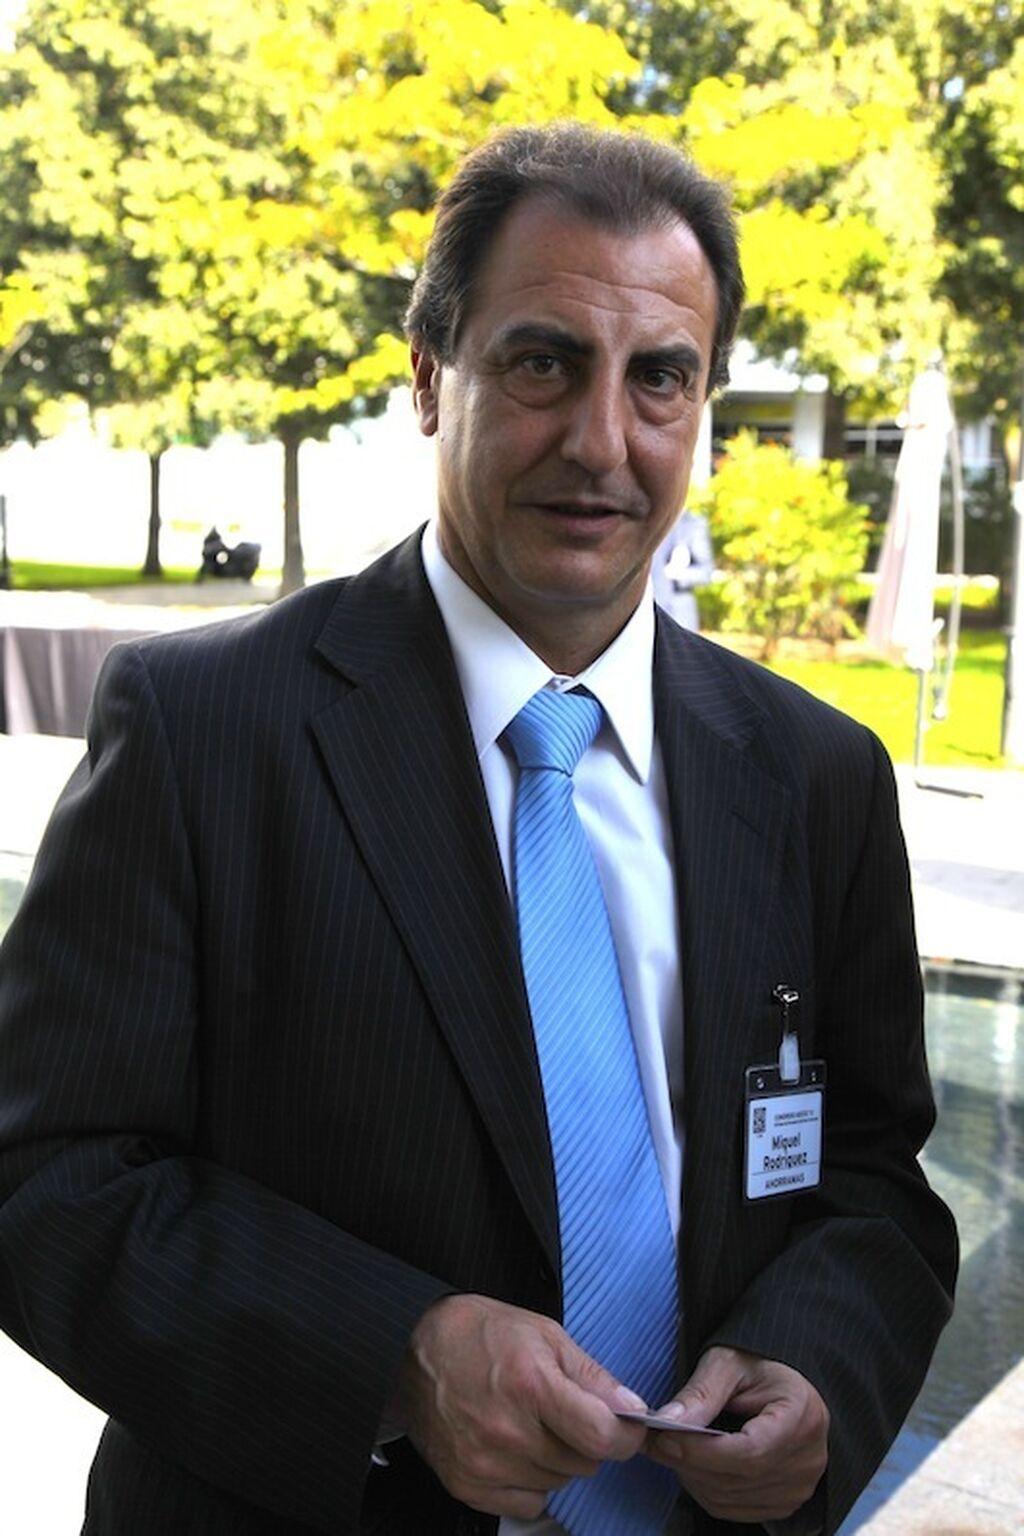 Miguel Rodríguez, jefe del departamento de Compras de Ahorramás